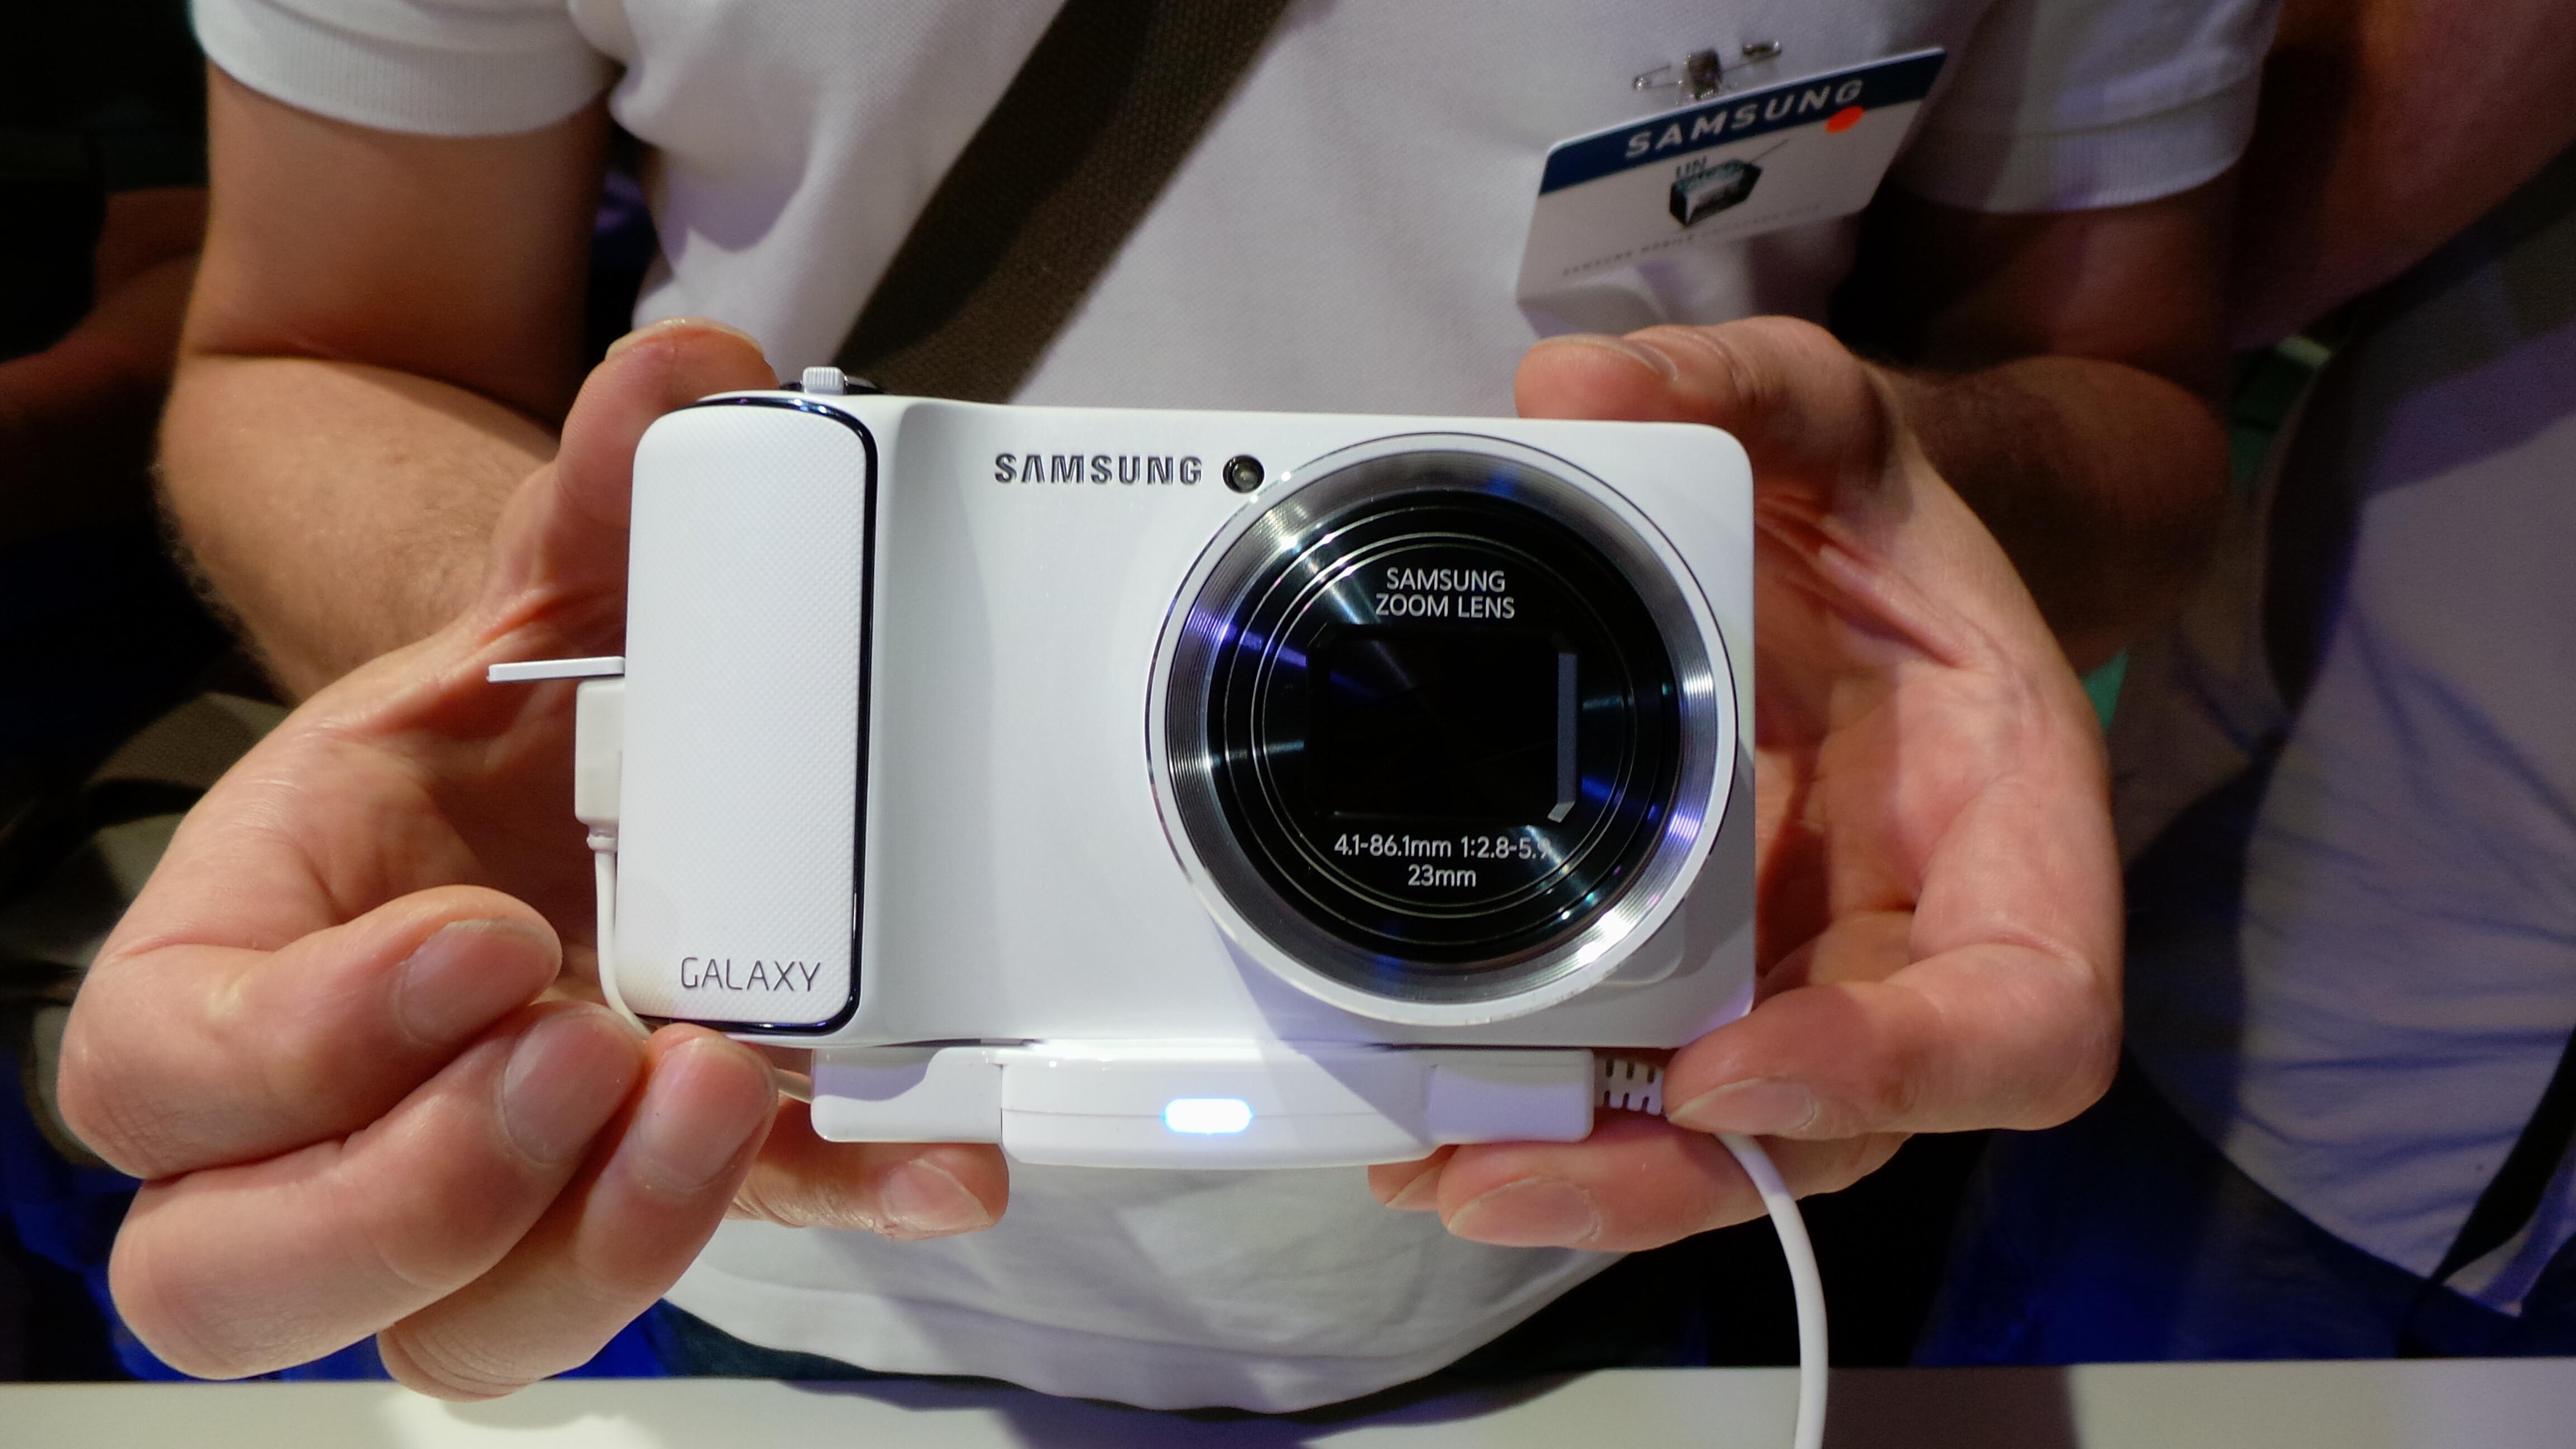 samsung galaxy camera 2 manual